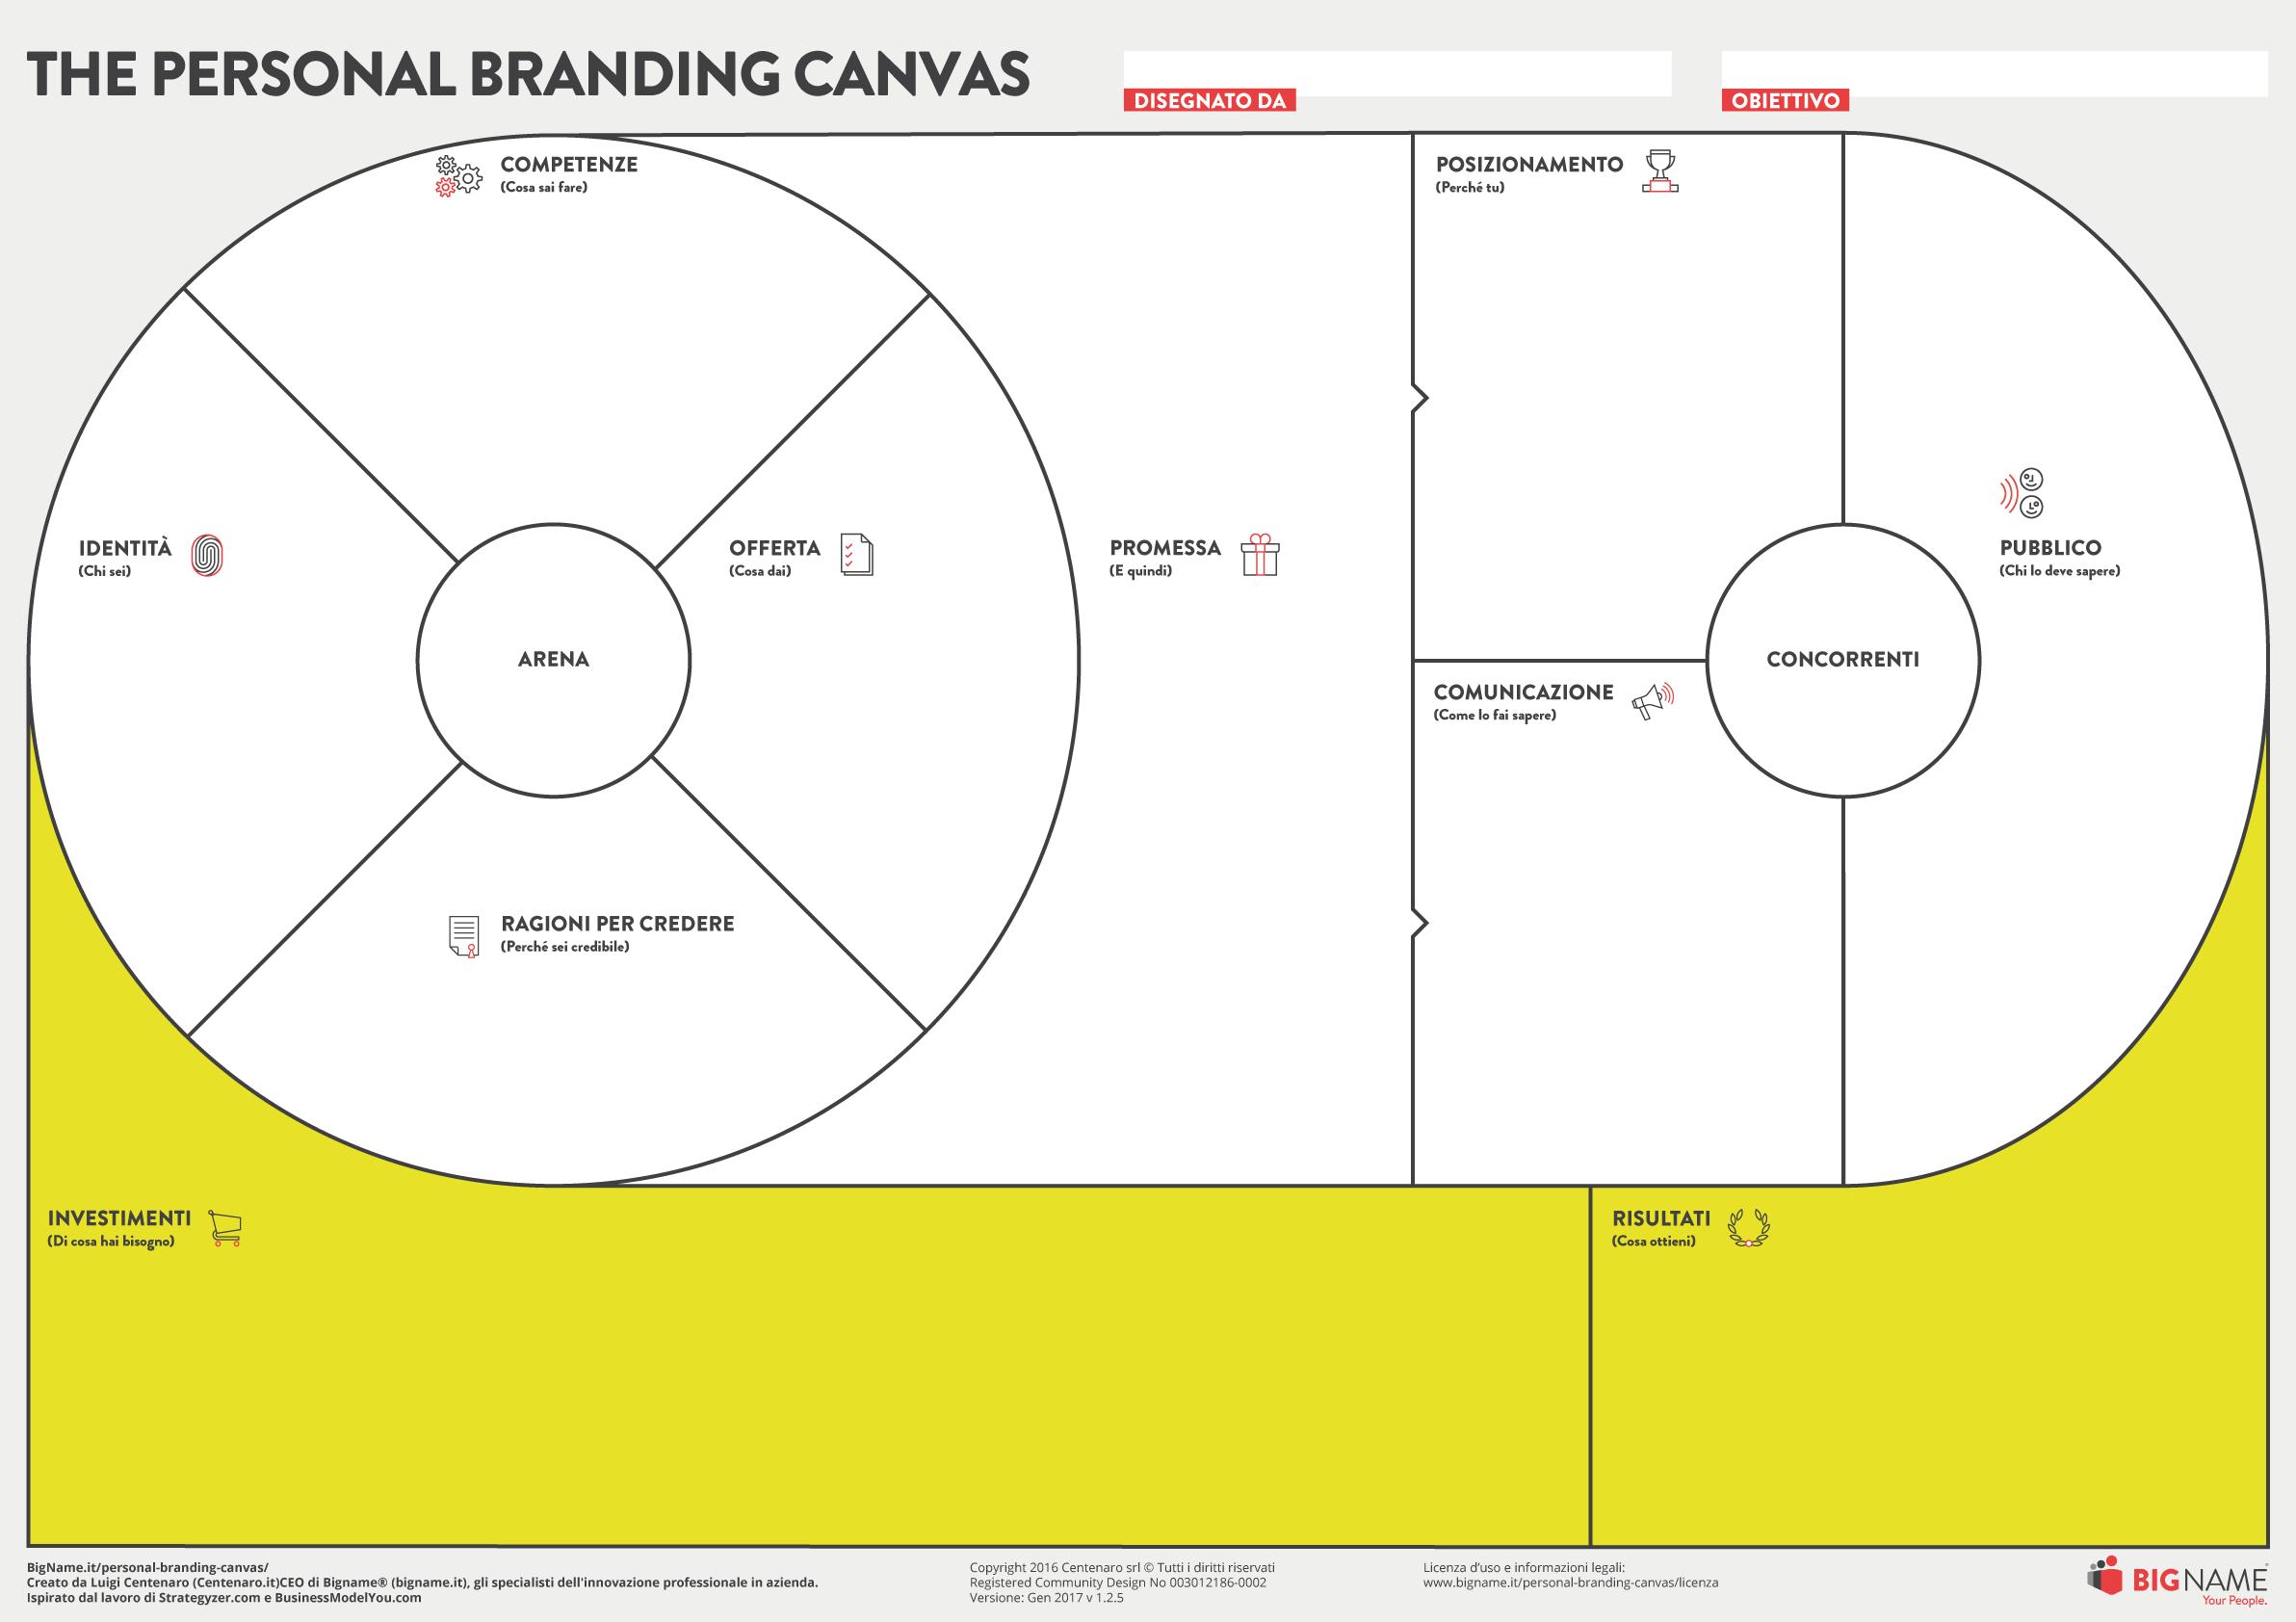 personal branding canvas risultati e investimenti